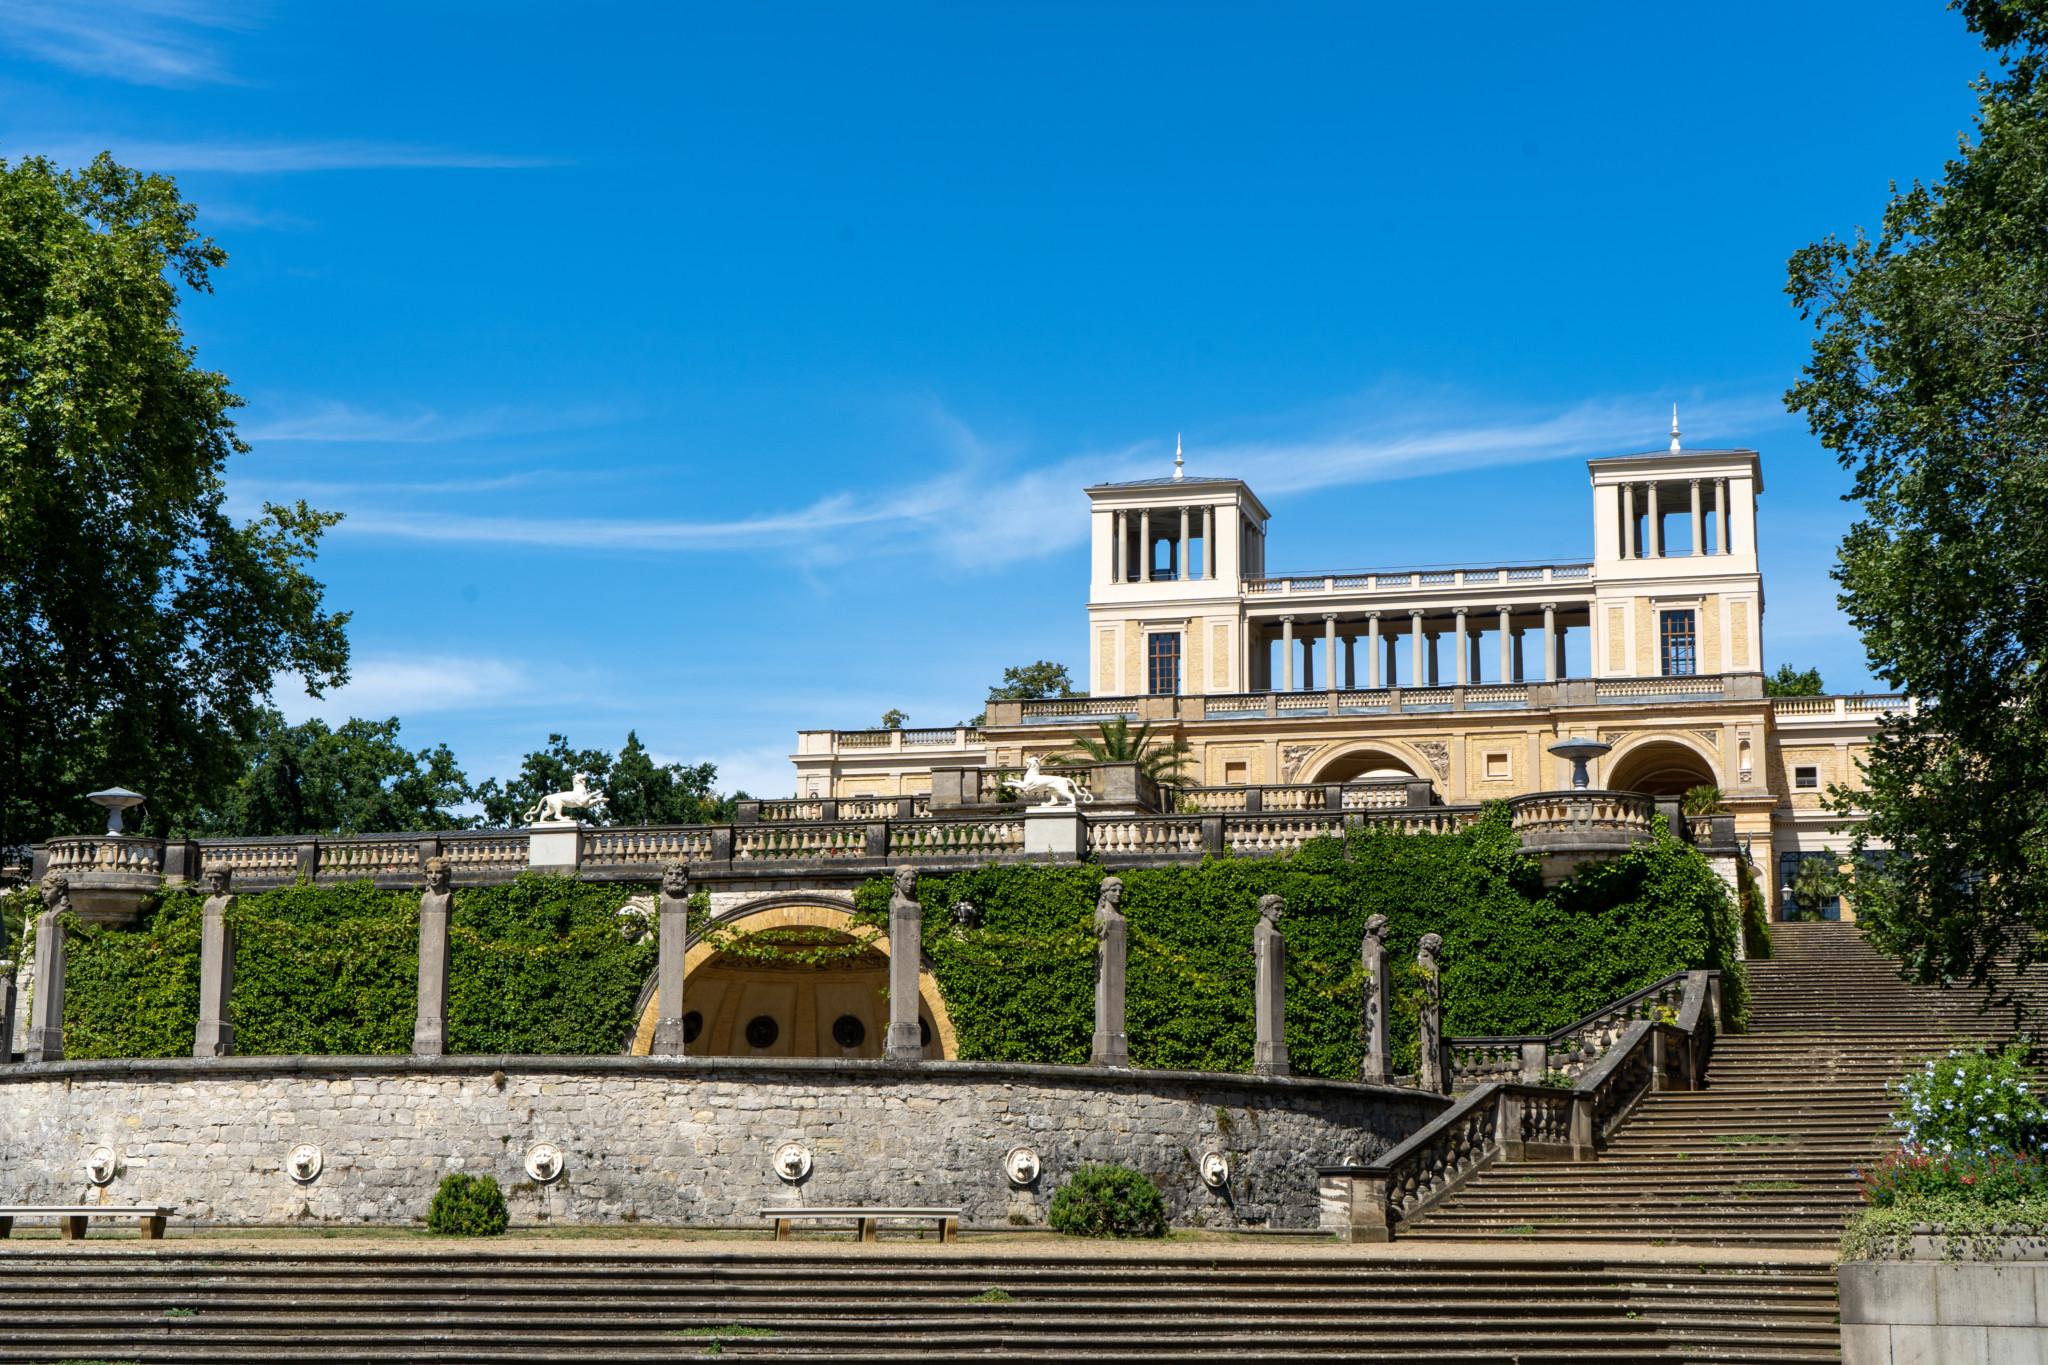 Das schicke Orangerieschloss steht unweit vom Schloss Sanssouci entfernt